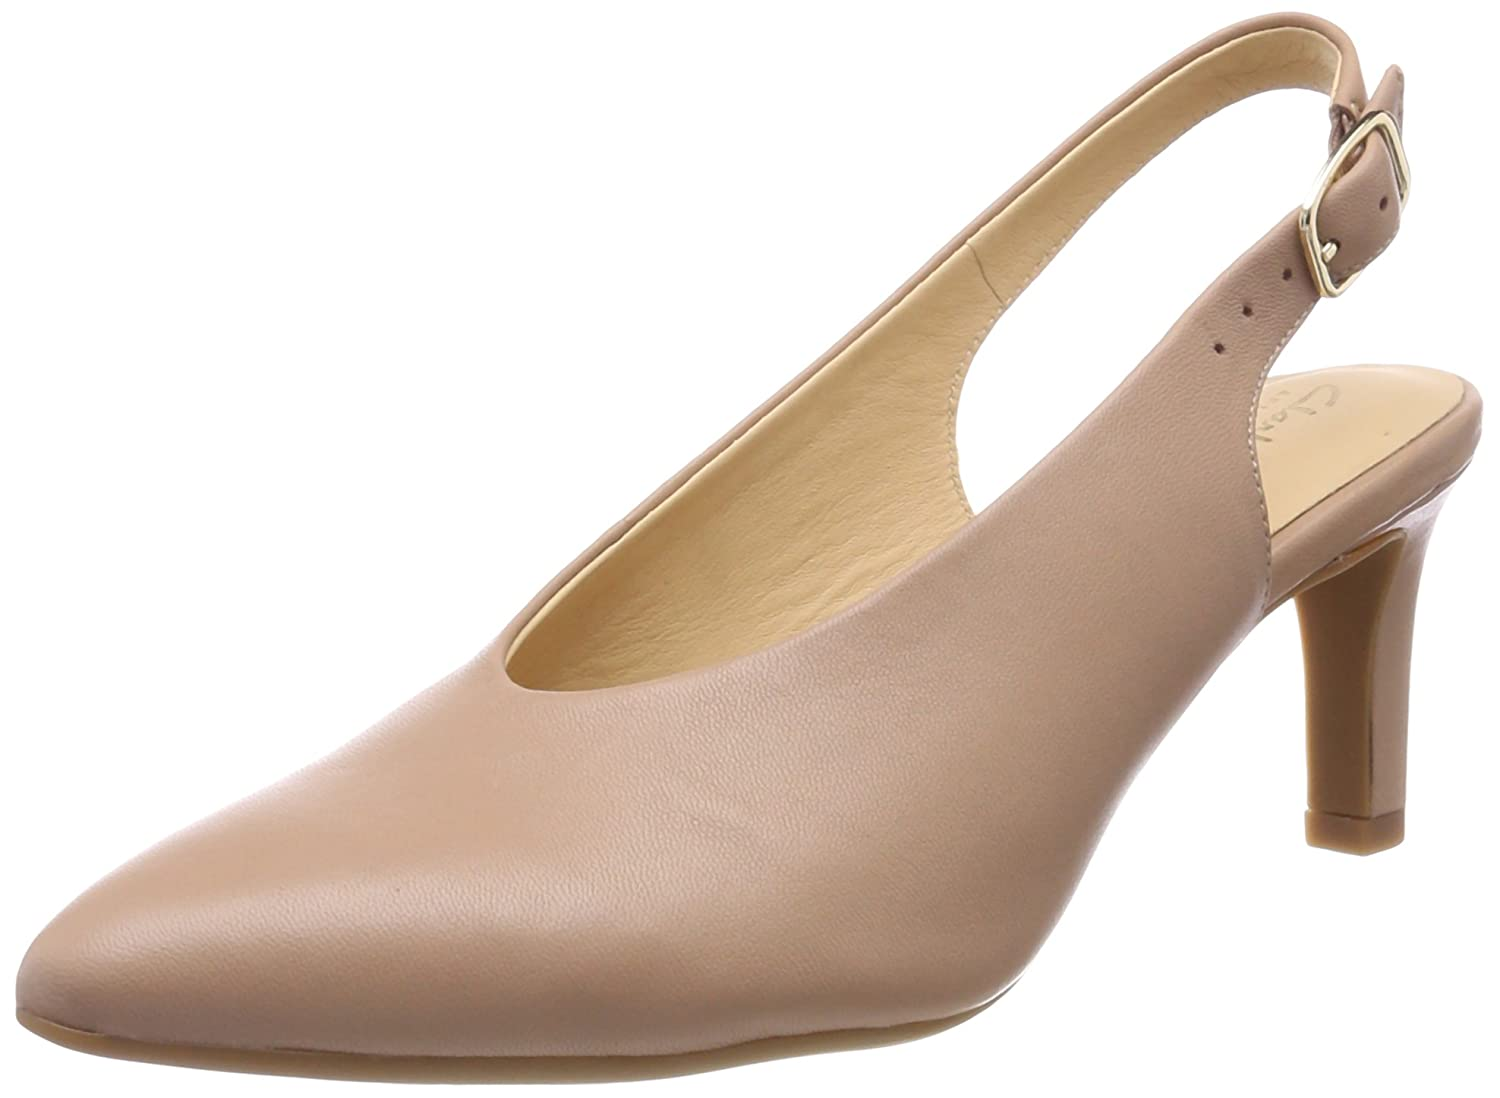 TALLA 41 EU. Clarks Calla Violet, Zapatos de Talón Abierto para Mujer